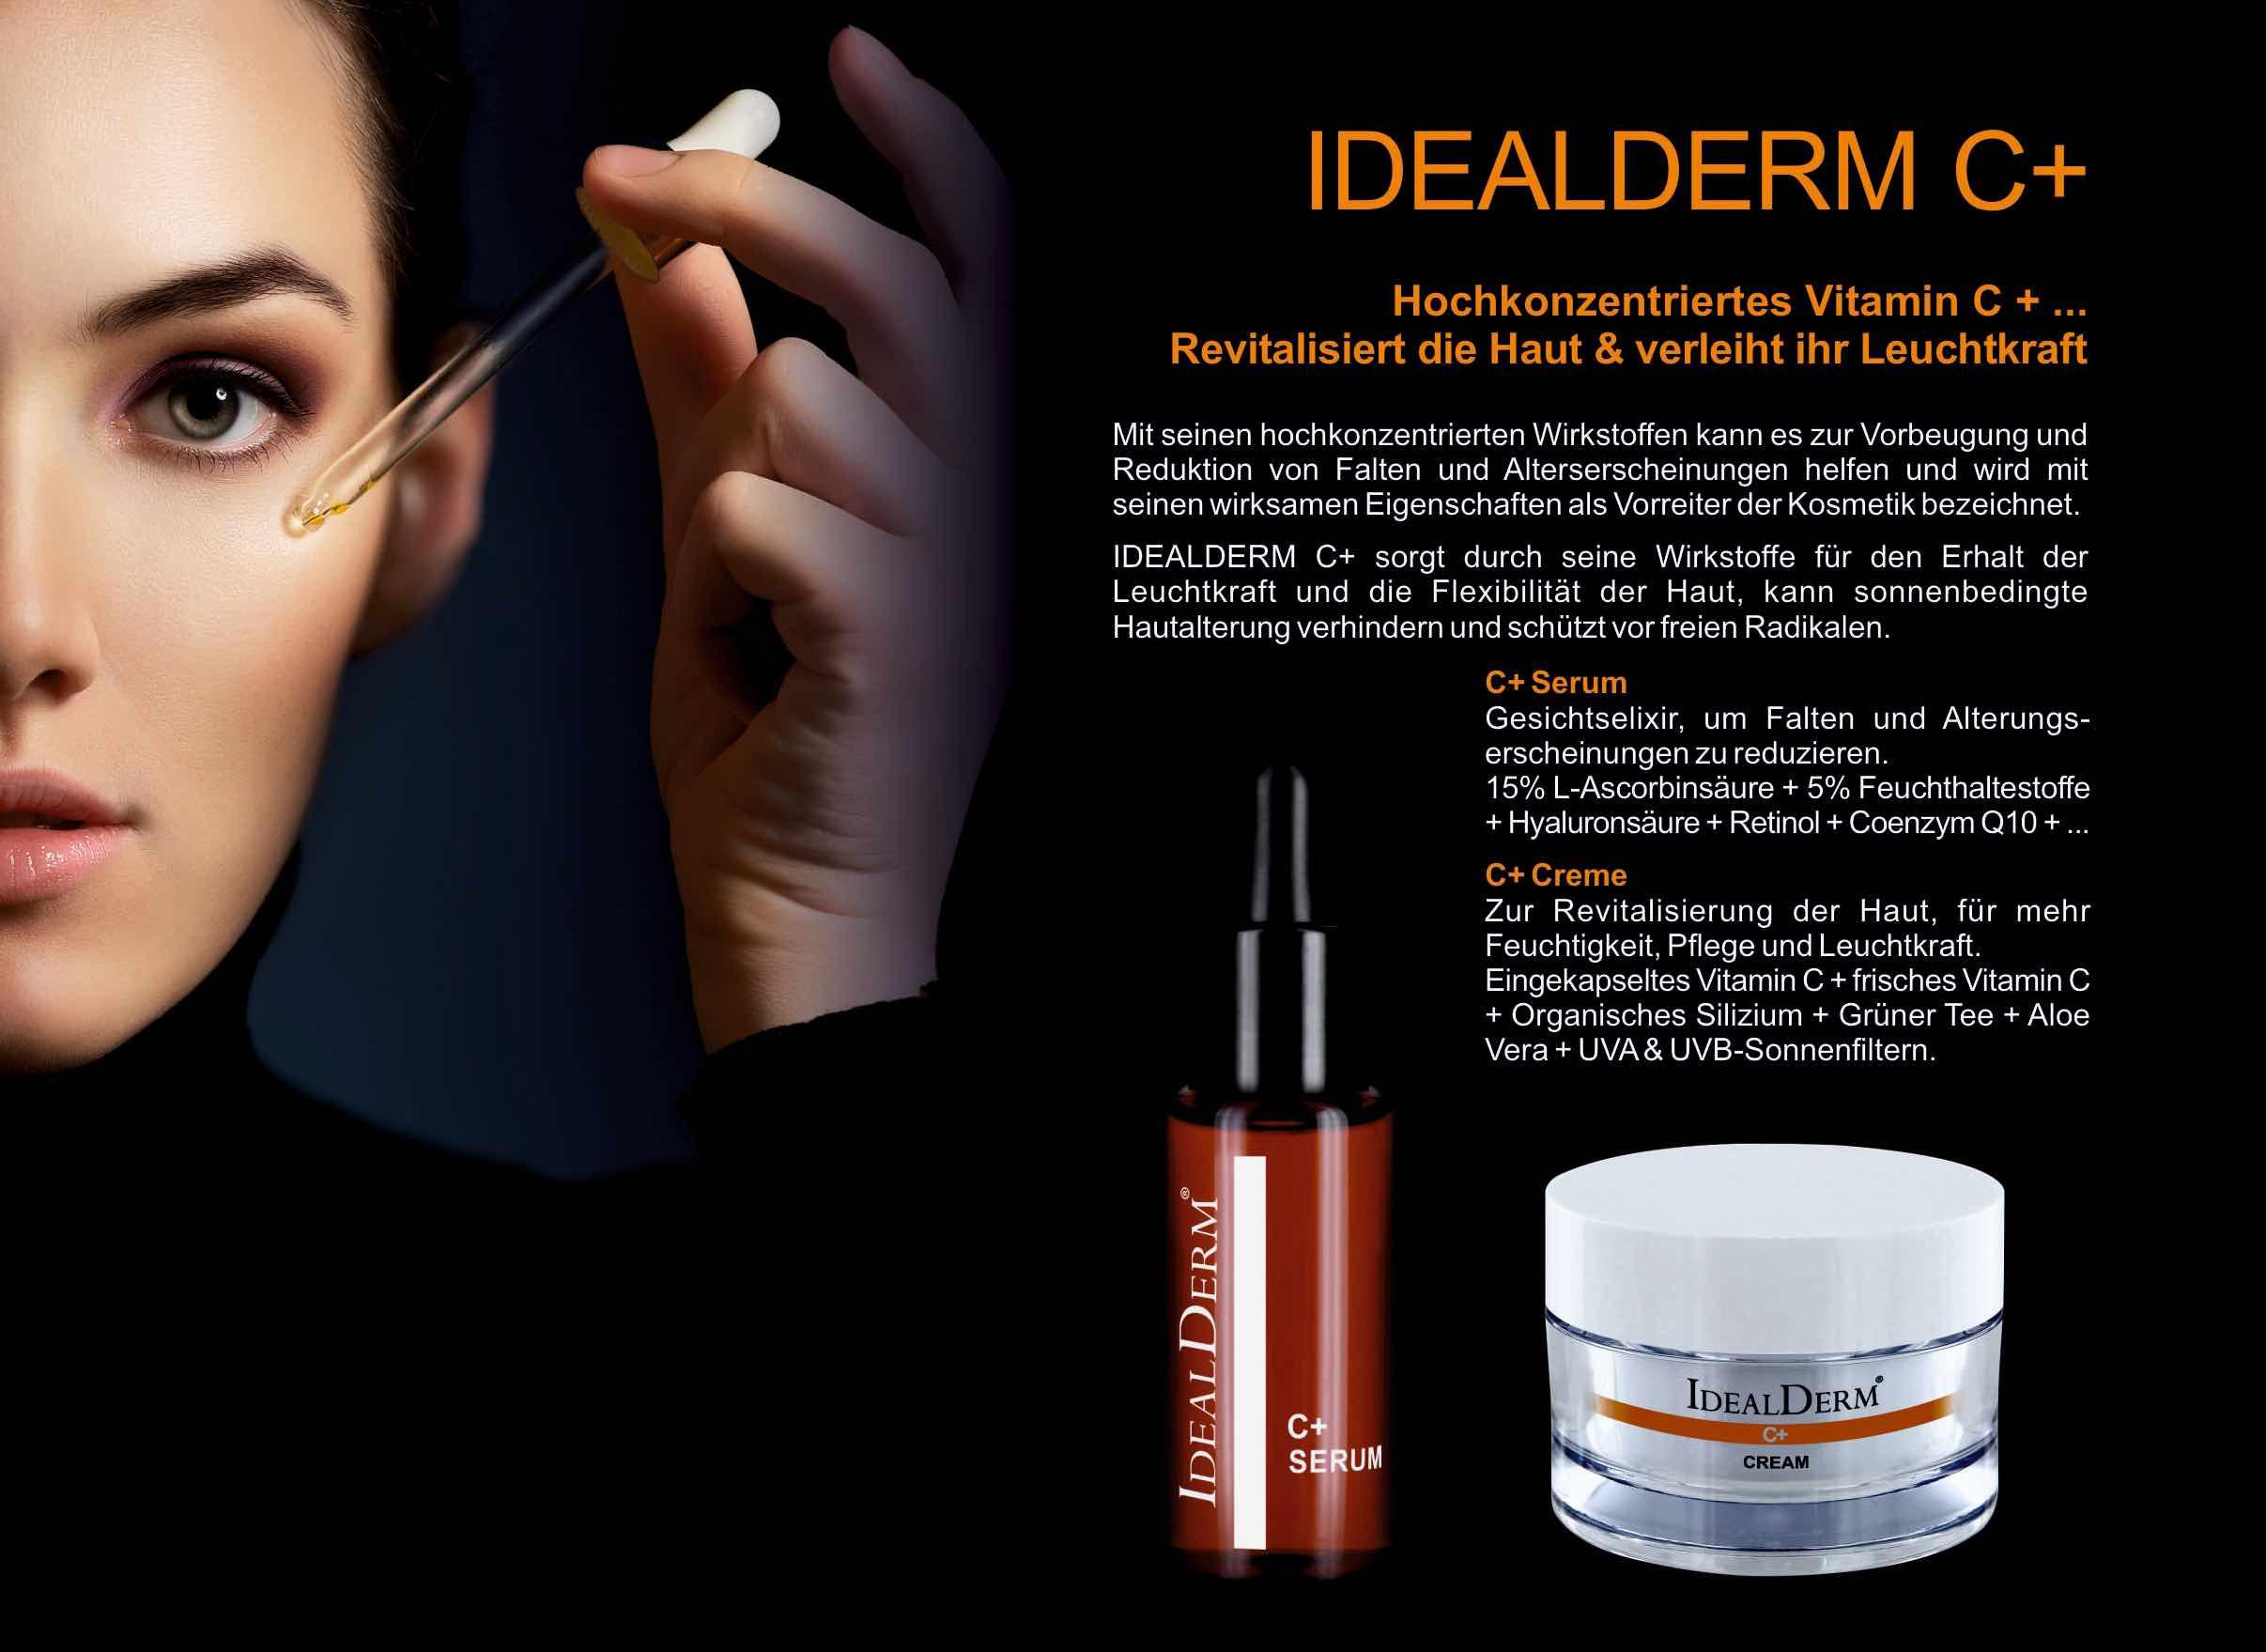 Mit seinen hochkonzentrierten Wirkstoffen kann es zur Vorbeugung und Reduktion von Falten und Alterserscheinungen helfen und wird mit seinen wirksamen Eigenschaften als Vorreiter der Kosmetik bezeichnet.